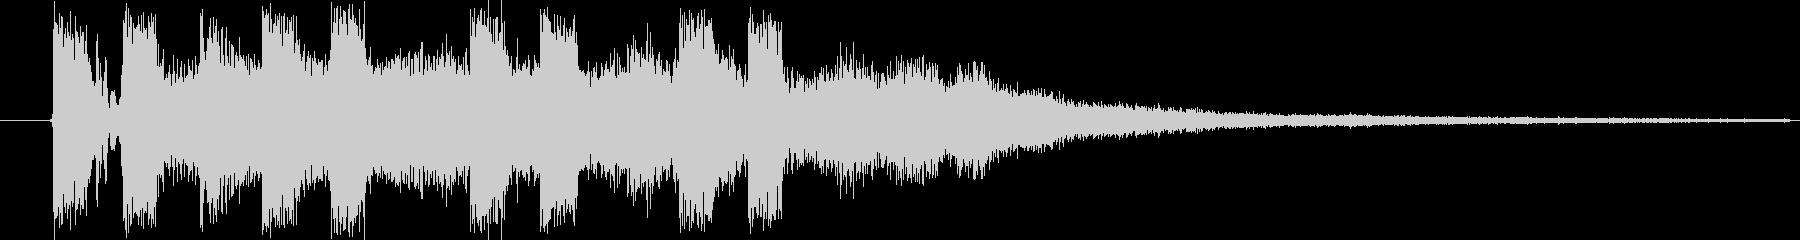 ドミソド(-1):ジングル等にの未再生の波形